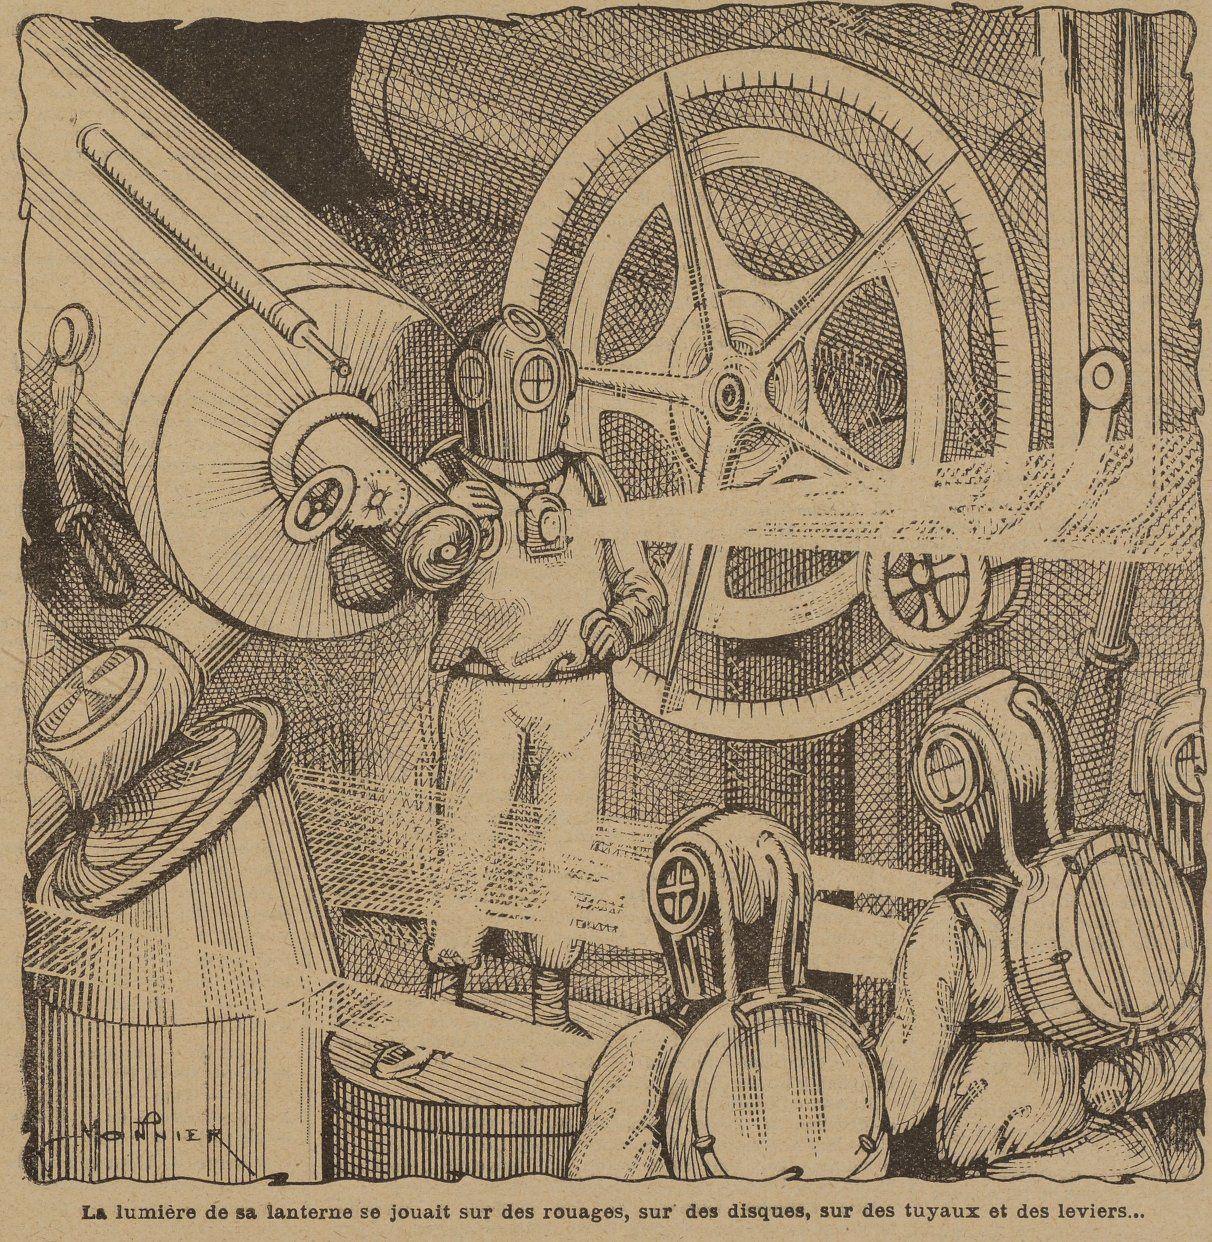 Marius Monnier - A quatre-vingt dix mille lieues de la Terre in La Jeunesse illustrée n°191 (21/10/1906)